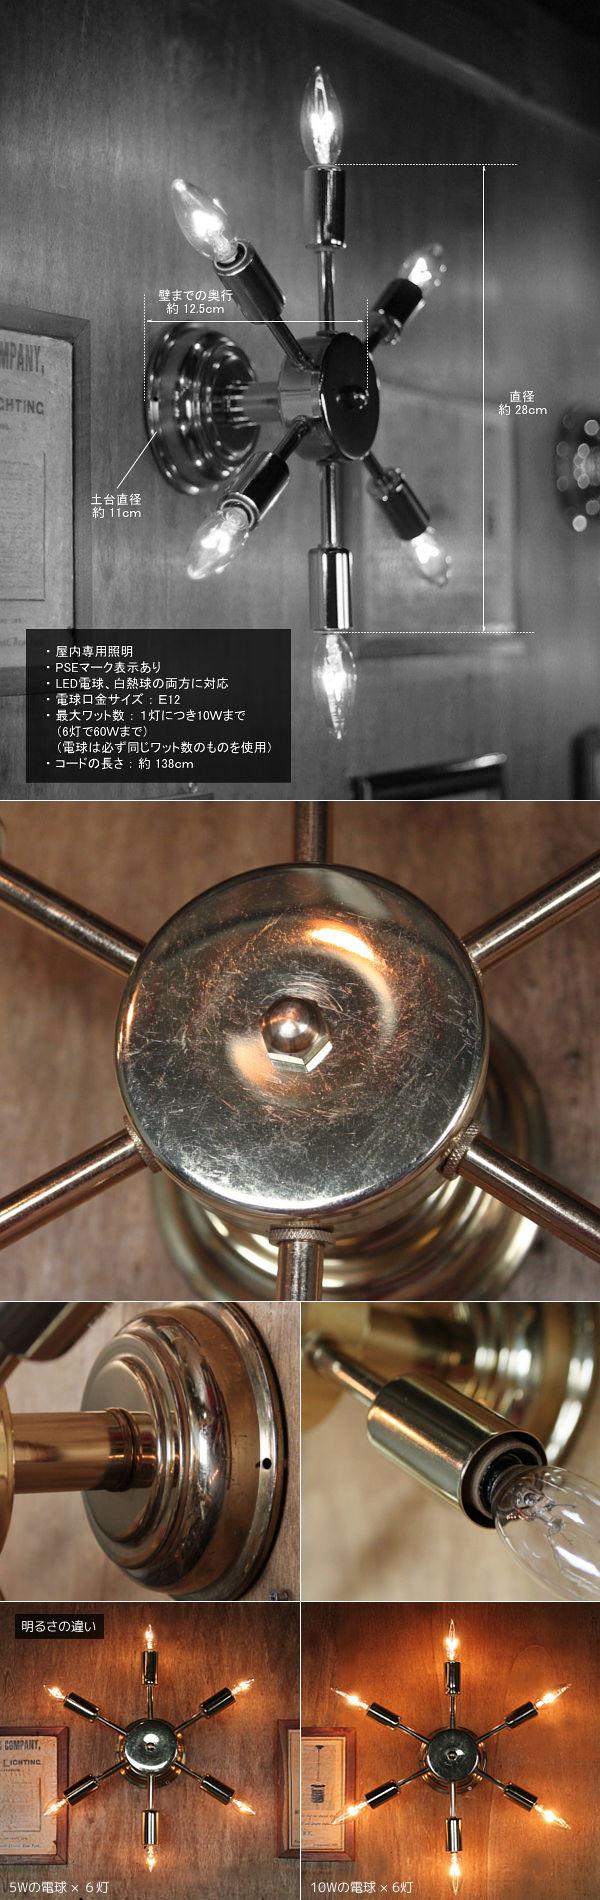 USAヴィンテージスプートニク6灯ブラケット/ミッドセンチュリー50'60'sインダストリアル工業系ウォールランプ照明ライト